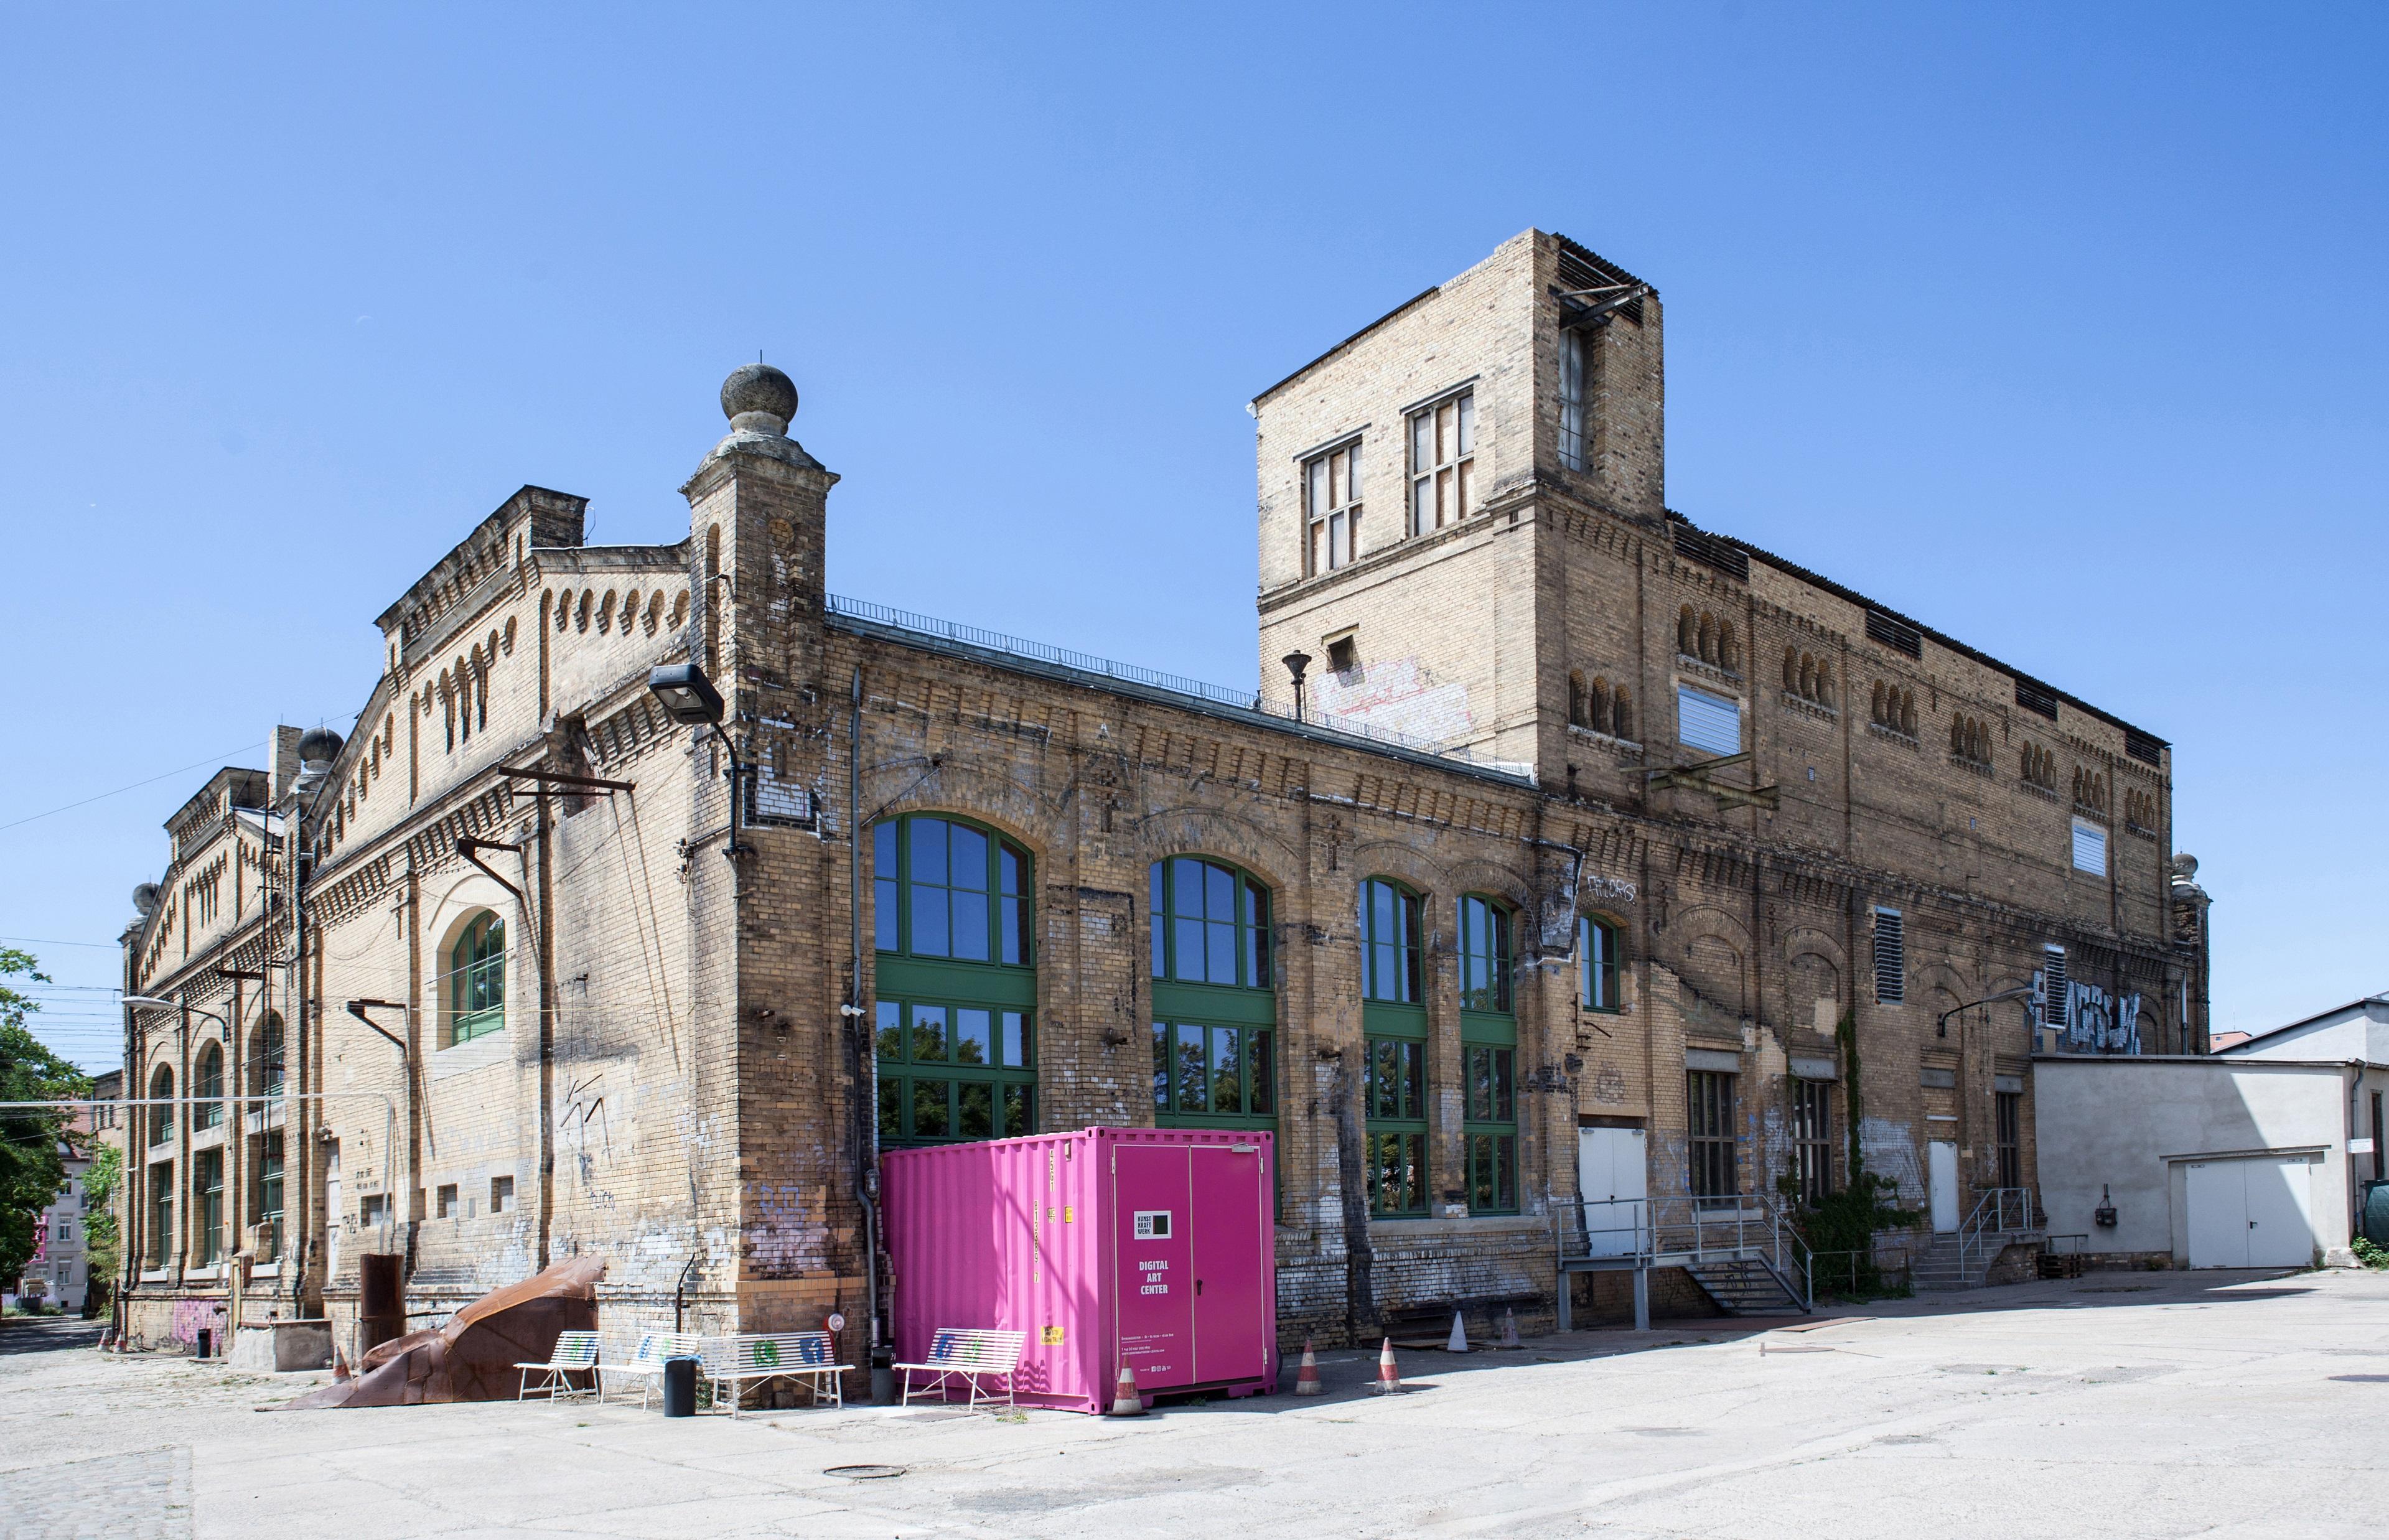 »Ich wollte immer kokeln« — Führung Kunstkraftwerk zwischen gestern und heute – Industriegeschichte mit Herz – 23.08., 15.00 Uhr